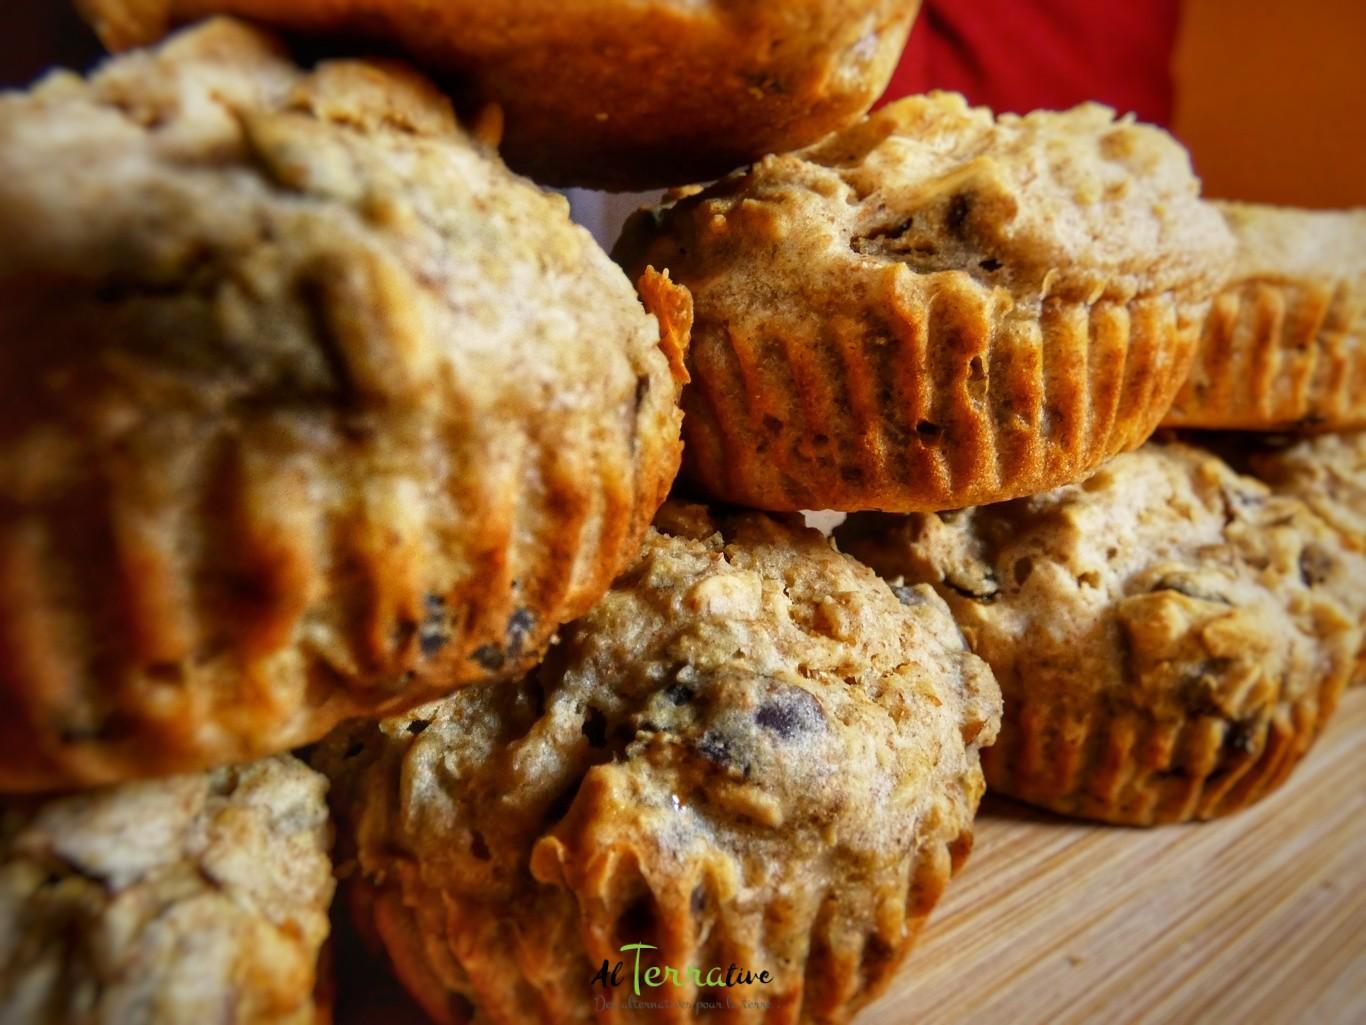 muffin du sportif avoine et dattes, un muffin santé